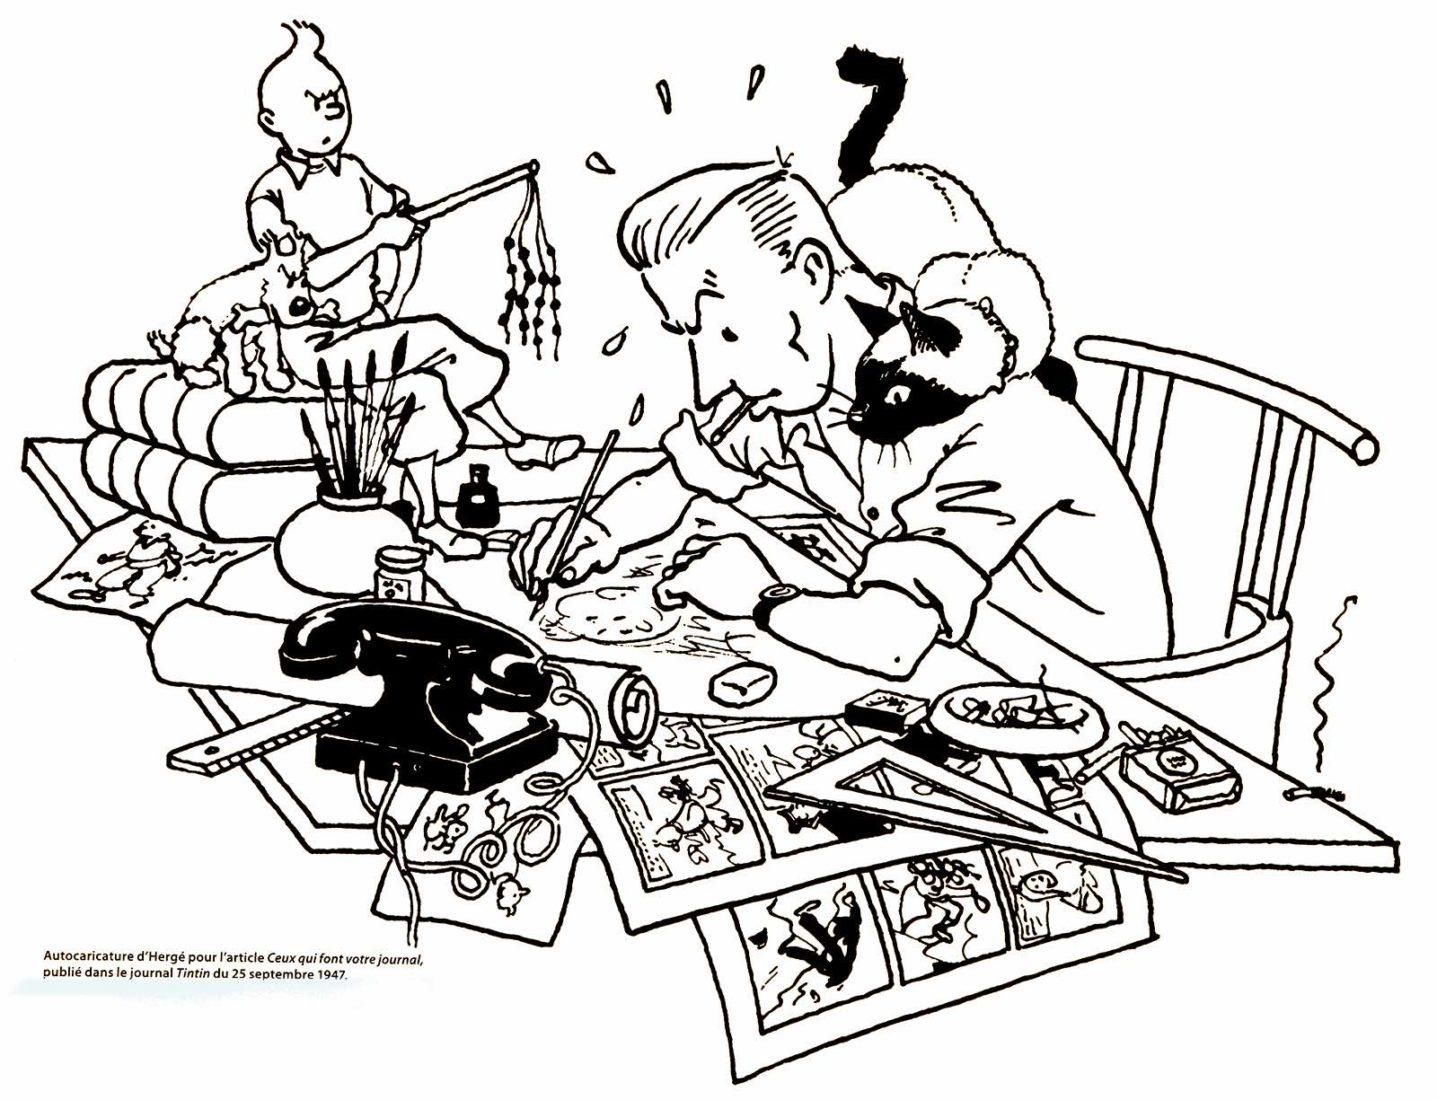 Tintin Hergé autocaricature